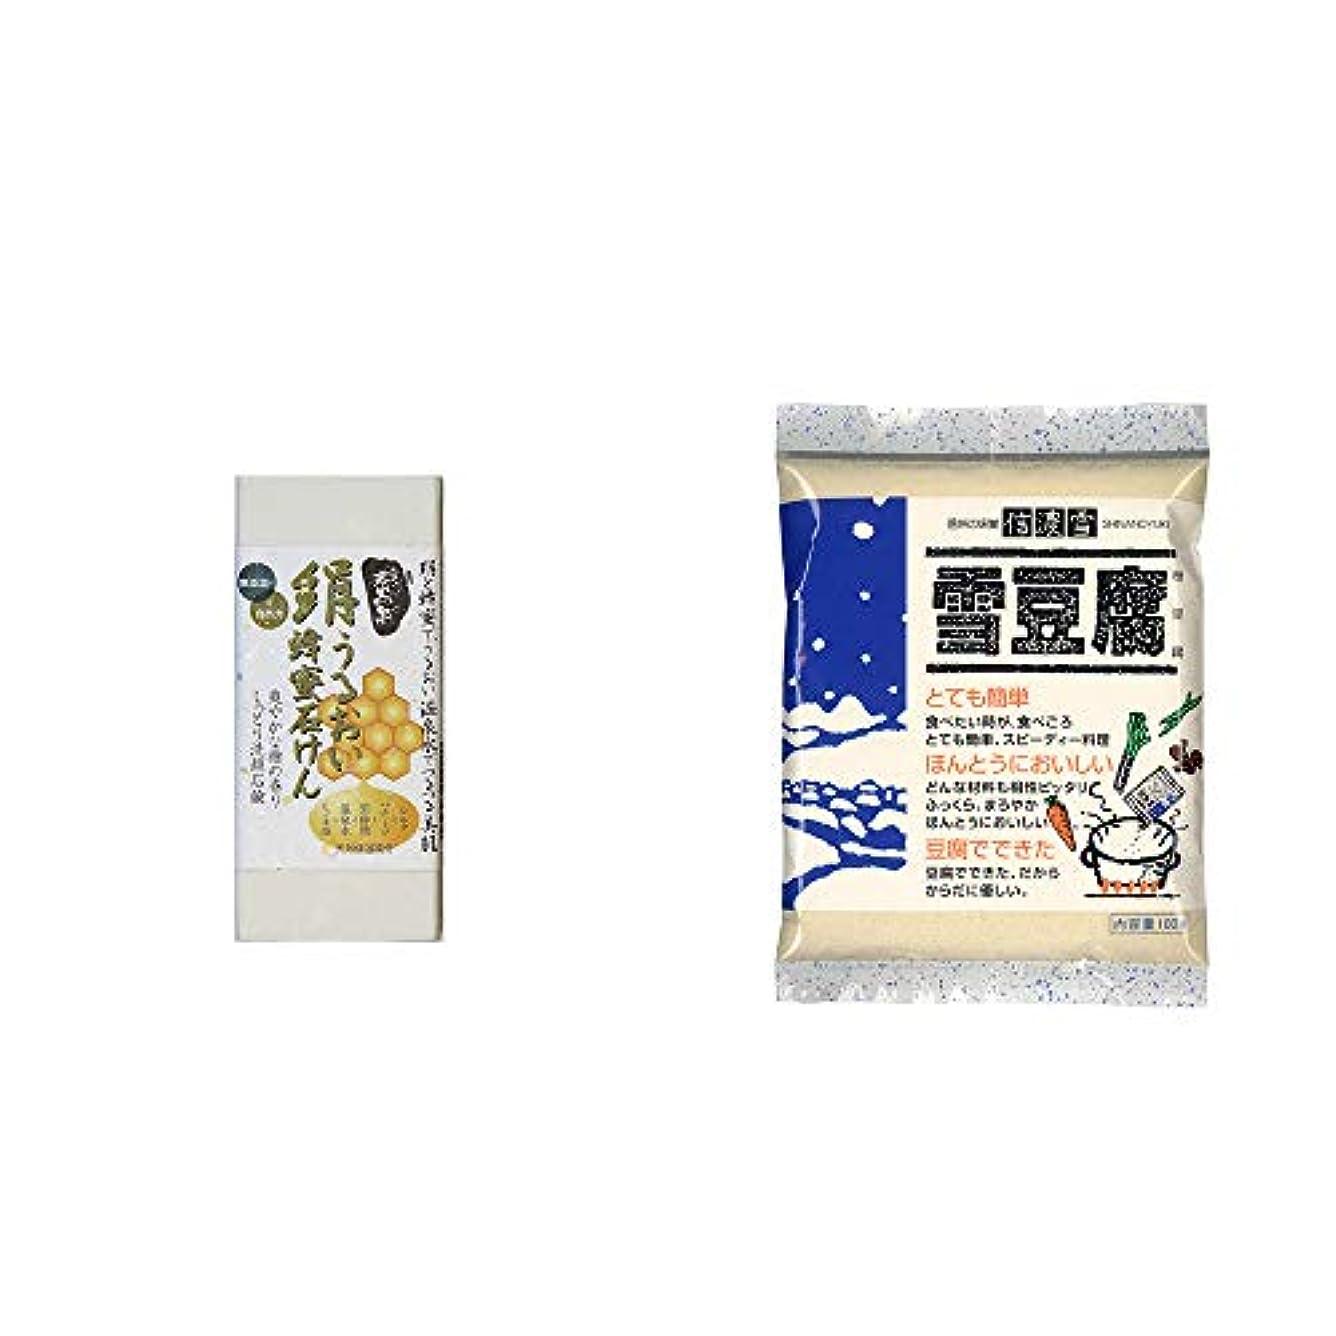 受益者広告主コーナー[2点セット] ひのき炭黒泉 絹うるおい蜂蜜石けん(75g×2)?信濃雪 雪豆腐(粉豆腐)(100g)